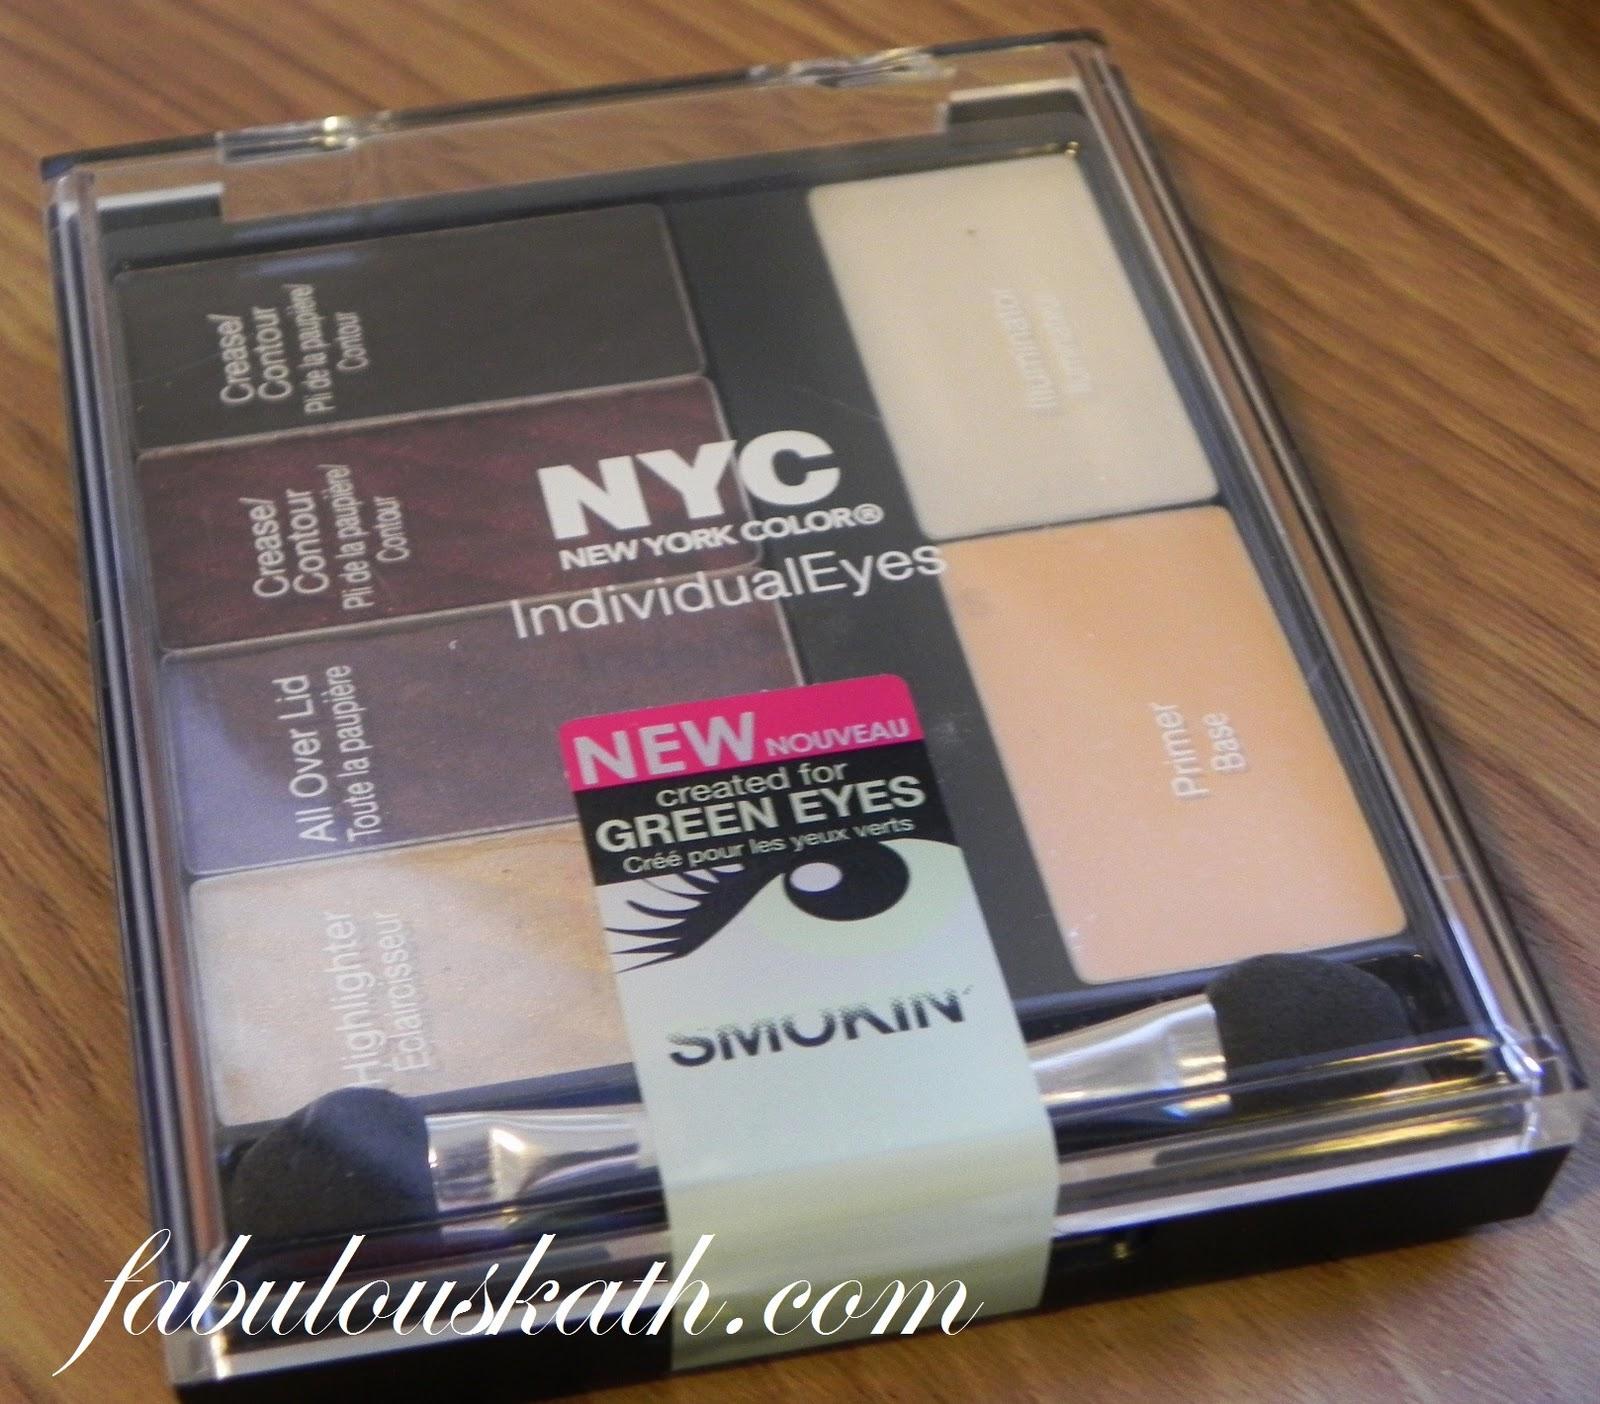 eyes makeup tips, eyes dark makeup smokey, eyes makeup brown, eyes makeup cat, eyes makeup, eyes makeup product-49